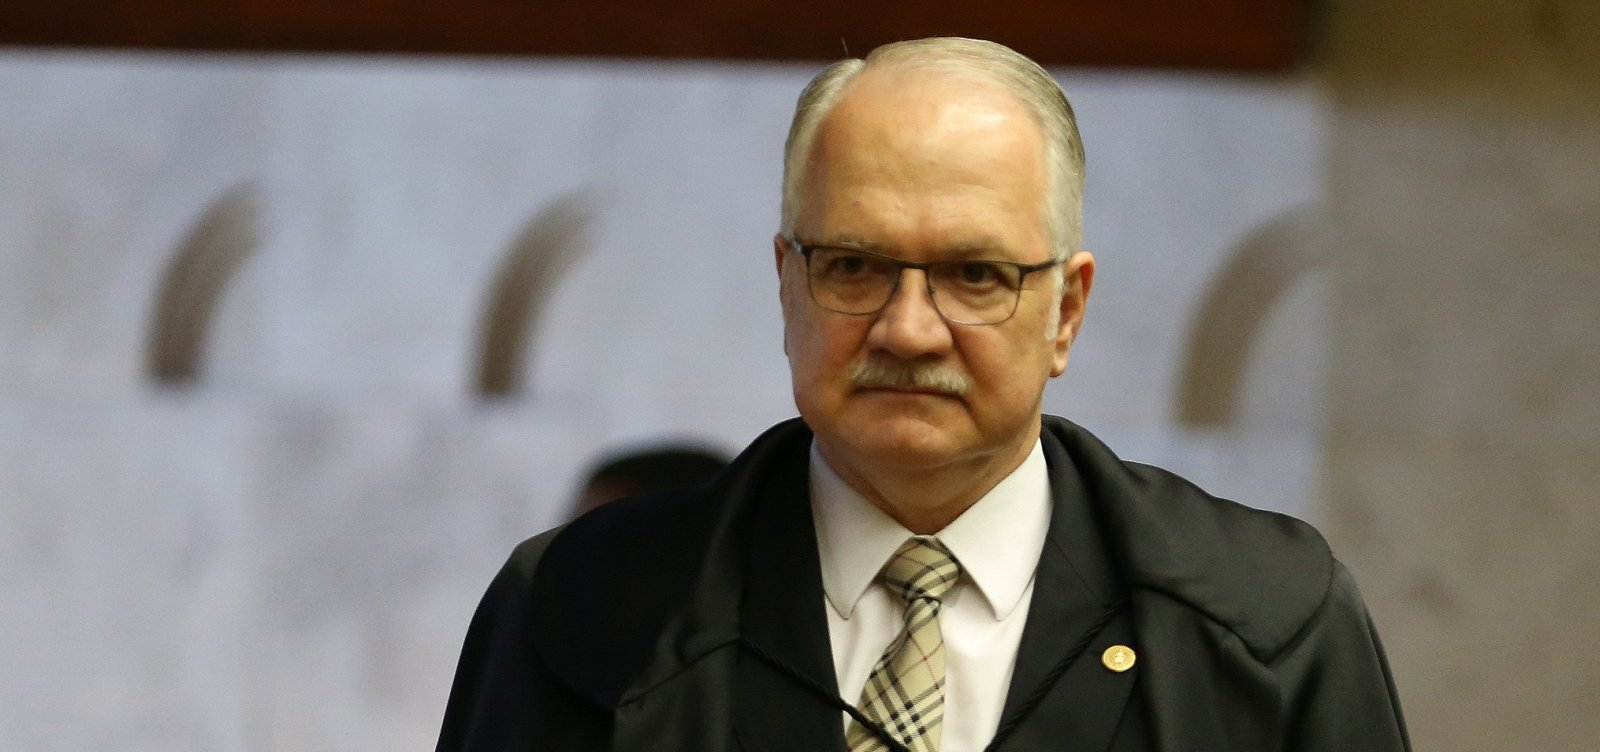 Fachin suspende inquérito que investigava Temer por propina da Odebrecht